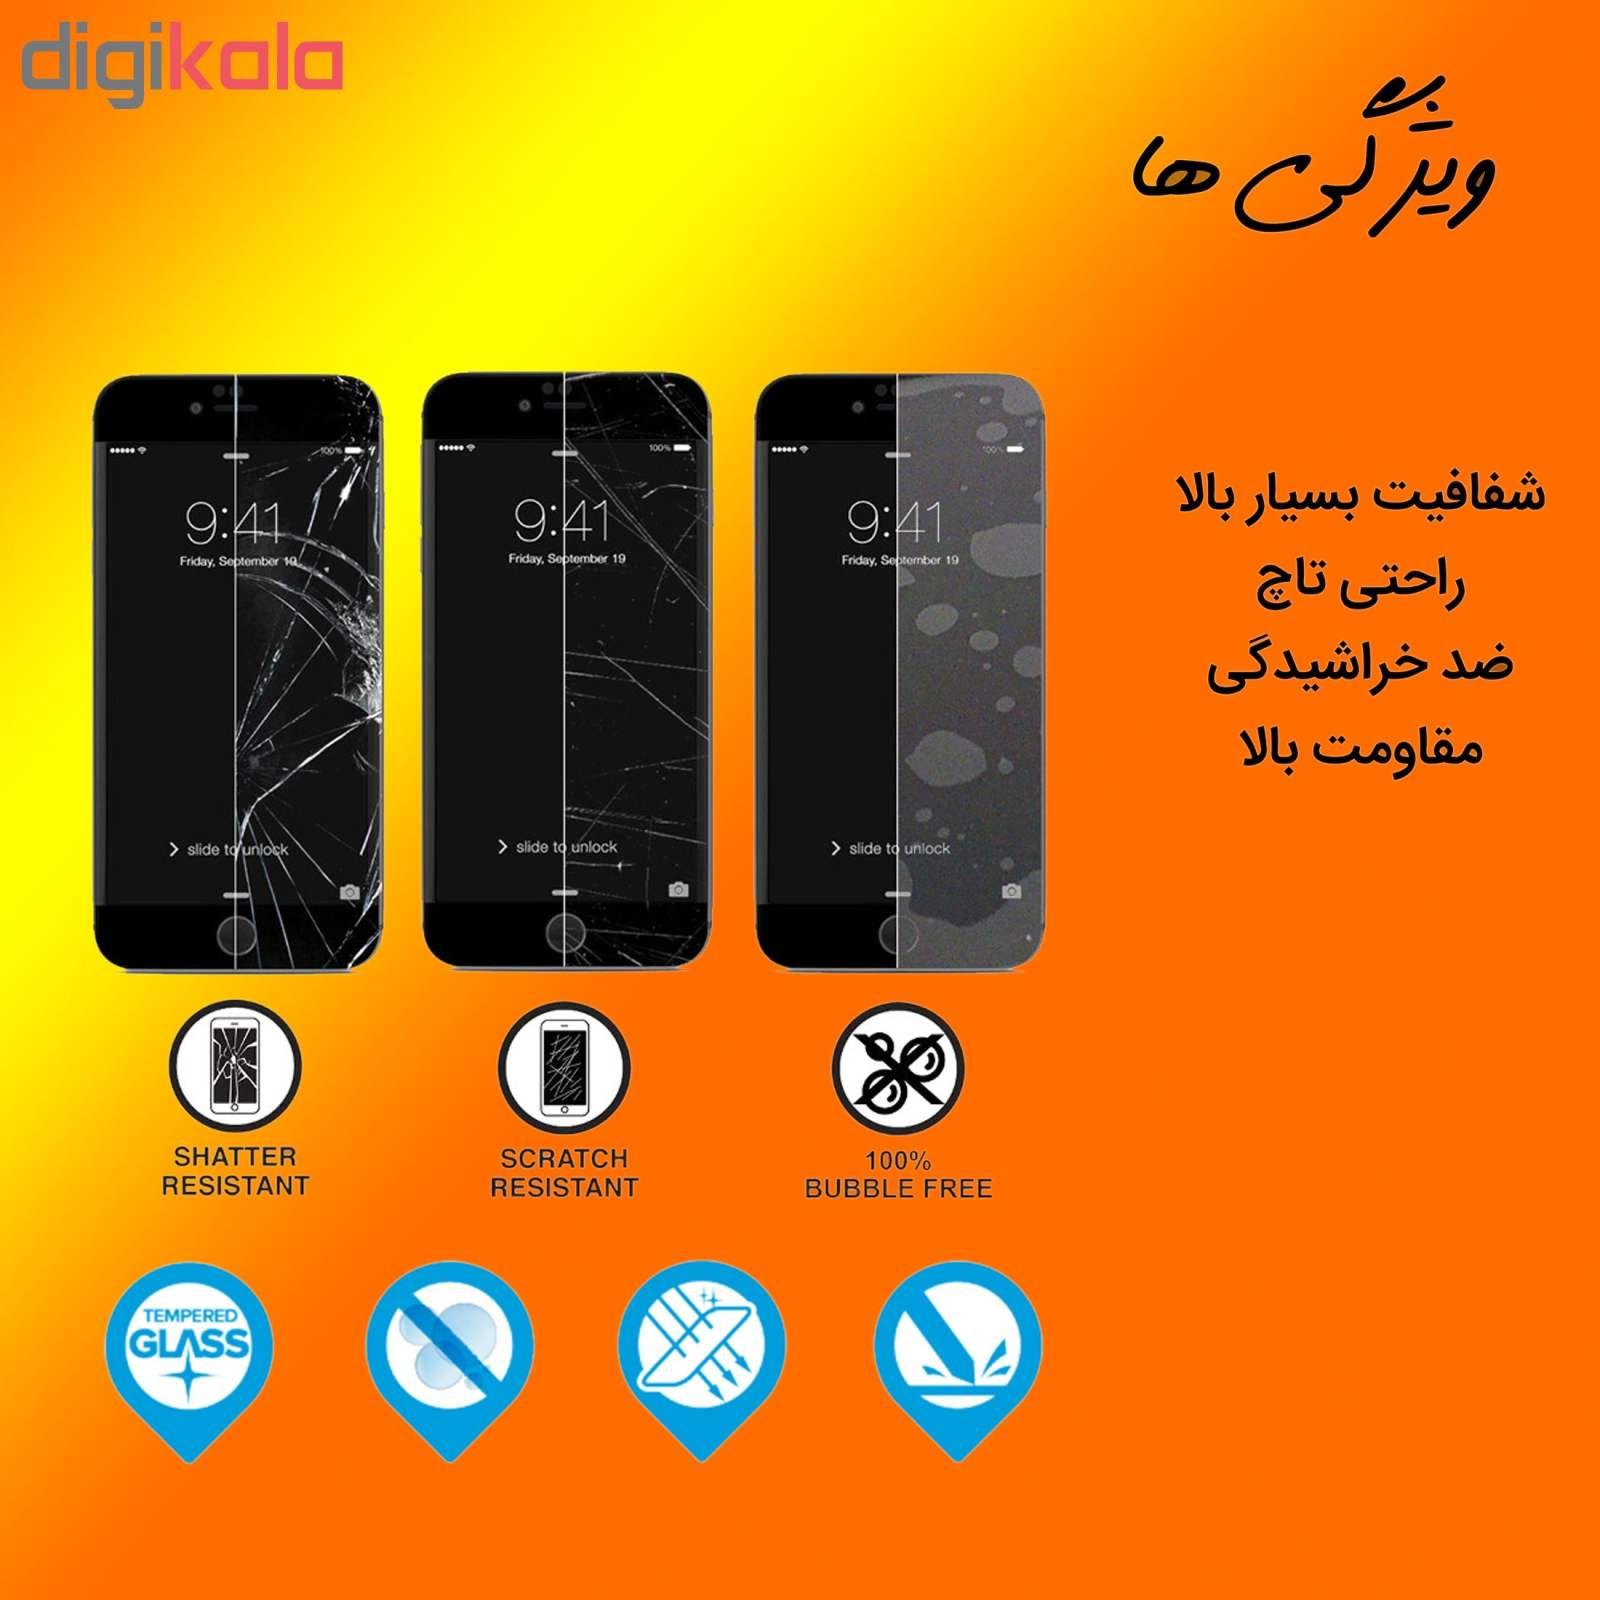 محافظ صفحه نمایش مات Hard and thick مدل F-01 مناسب برای گوشی موبایل سامسونگ Galaxy A10 main 1 2